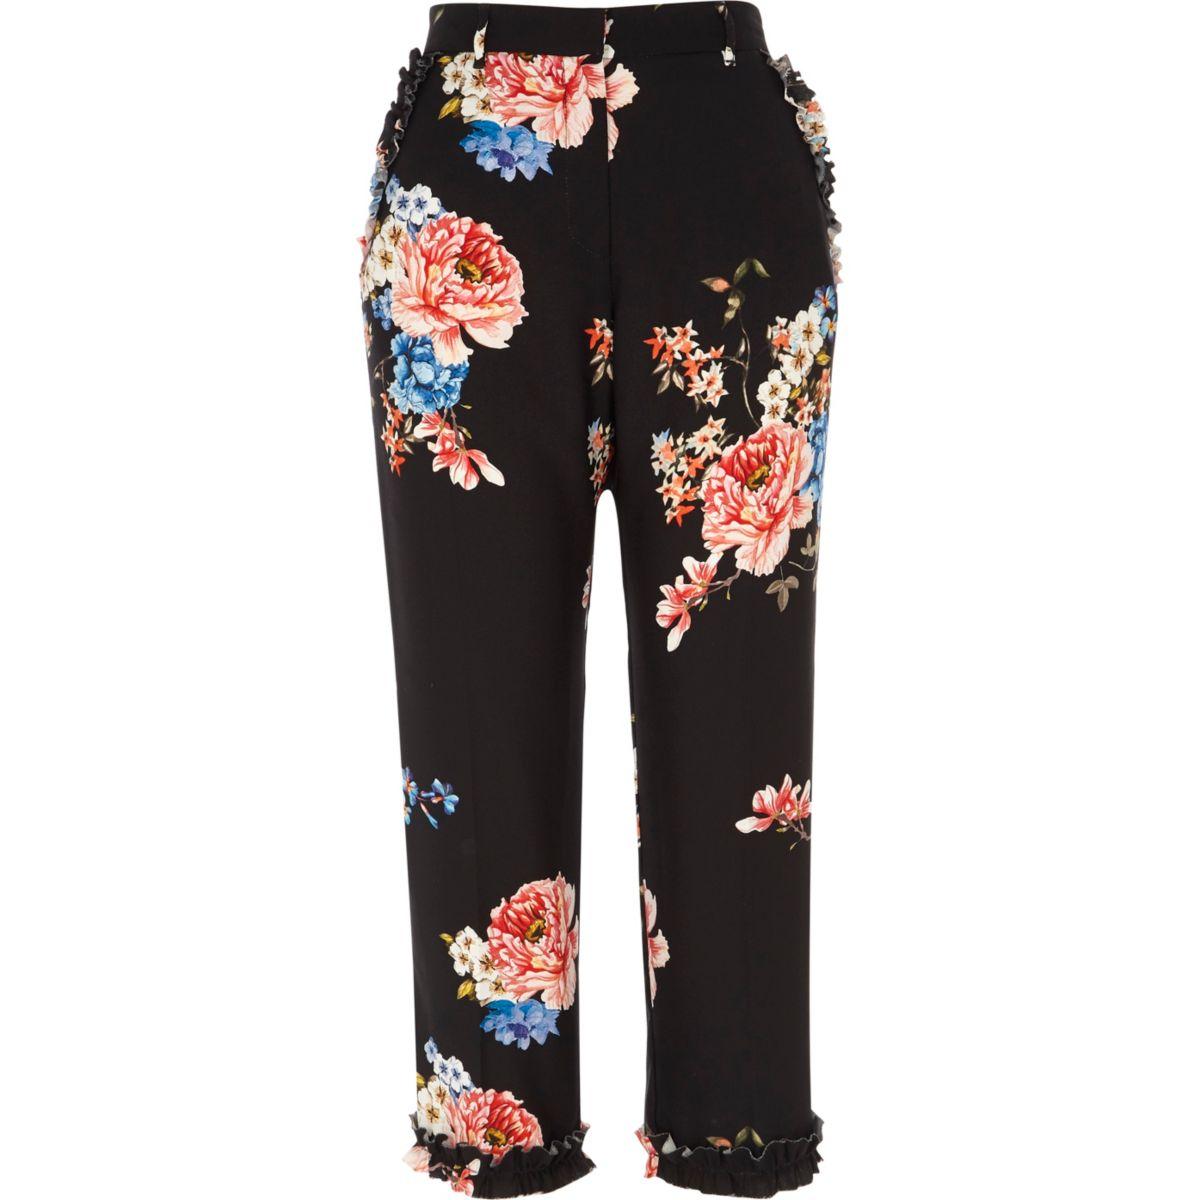 Pantalon court à fleurs noir avec volants